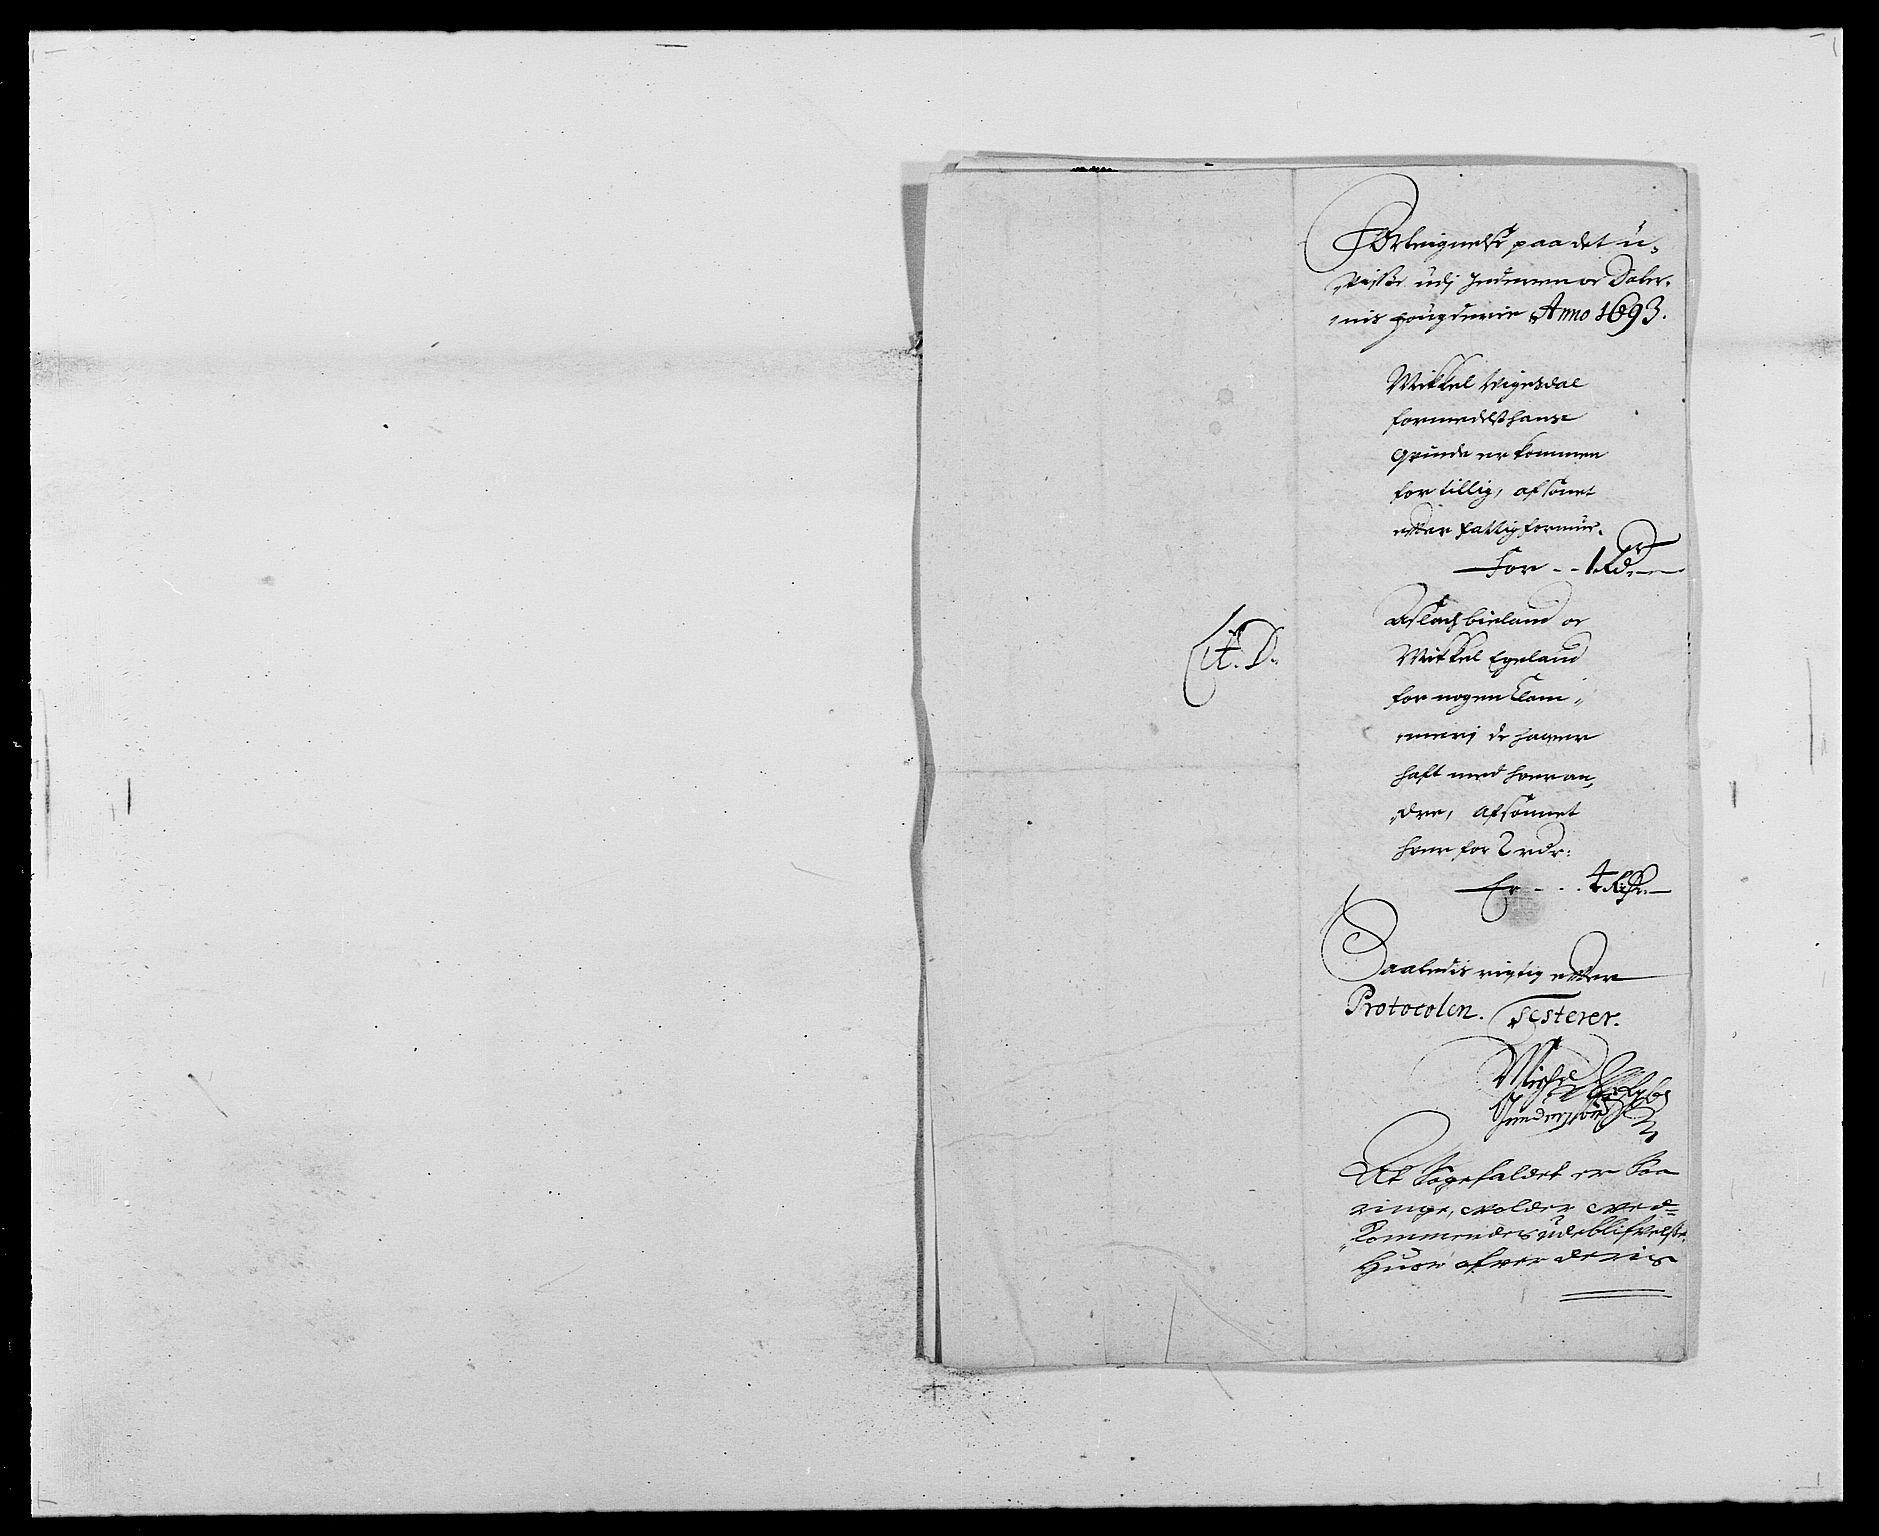 RA, Rentekammeret inntil 1814, Reviderte regnskaper, Fogderegnskap, R46/L2727: Fogderegnskap Jæren og Dalane, 1690-1693, s. 274